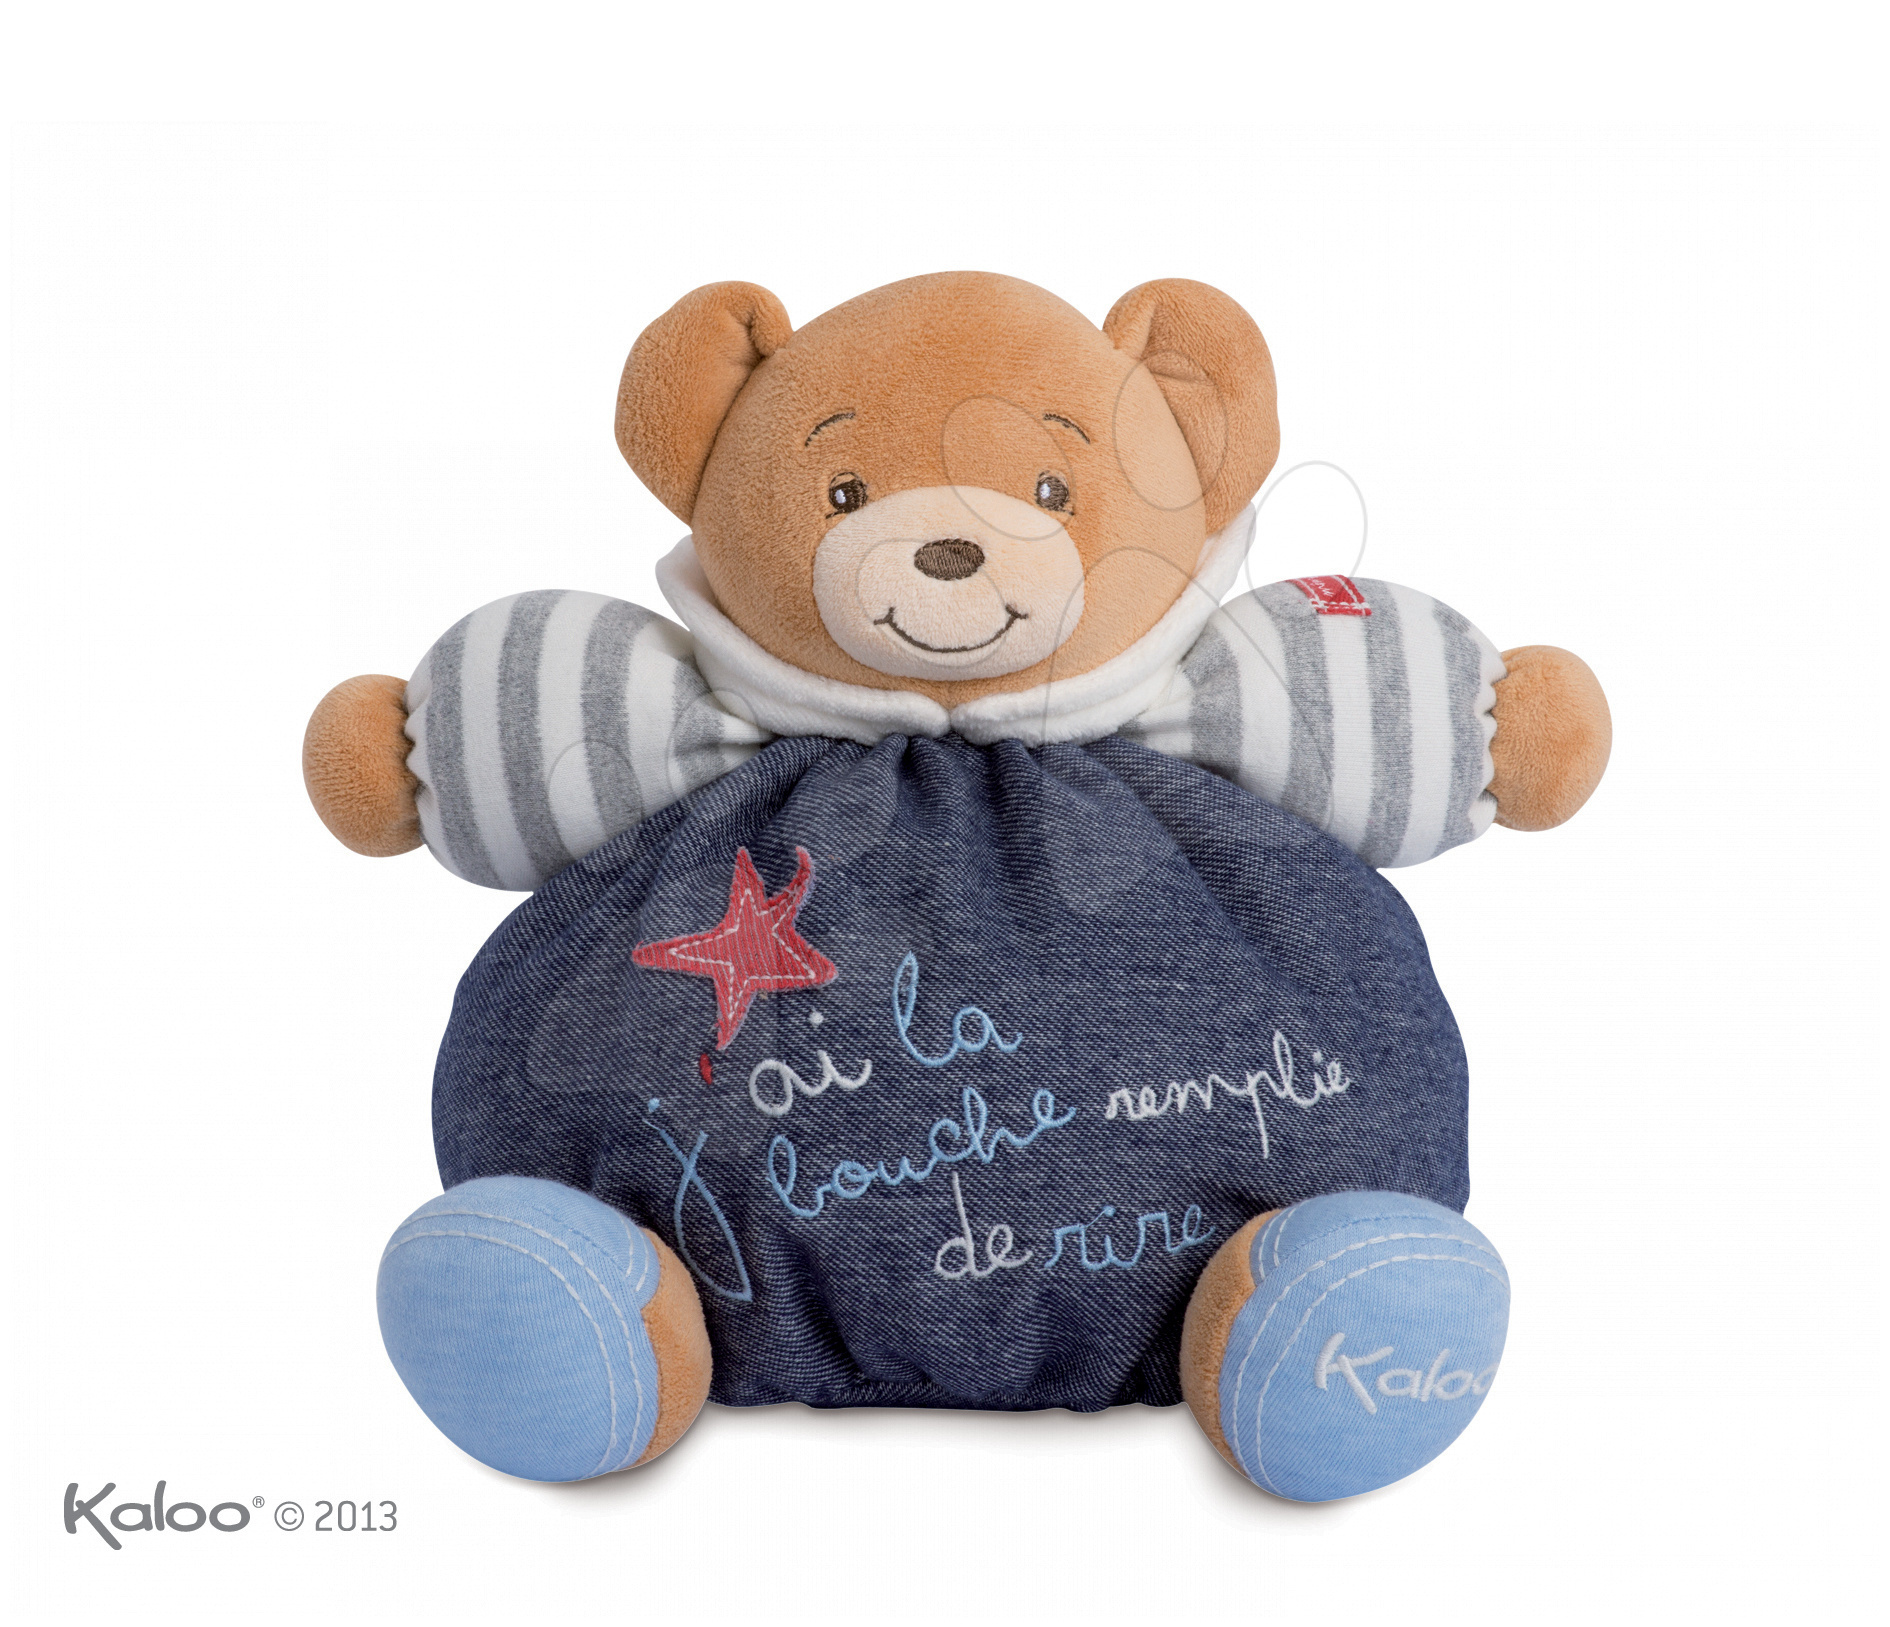 Plyšový medvedík Blue Denim-Happy Chubby Bear Kaloo 25 cm v darčekovom balení pre najmenších modrý